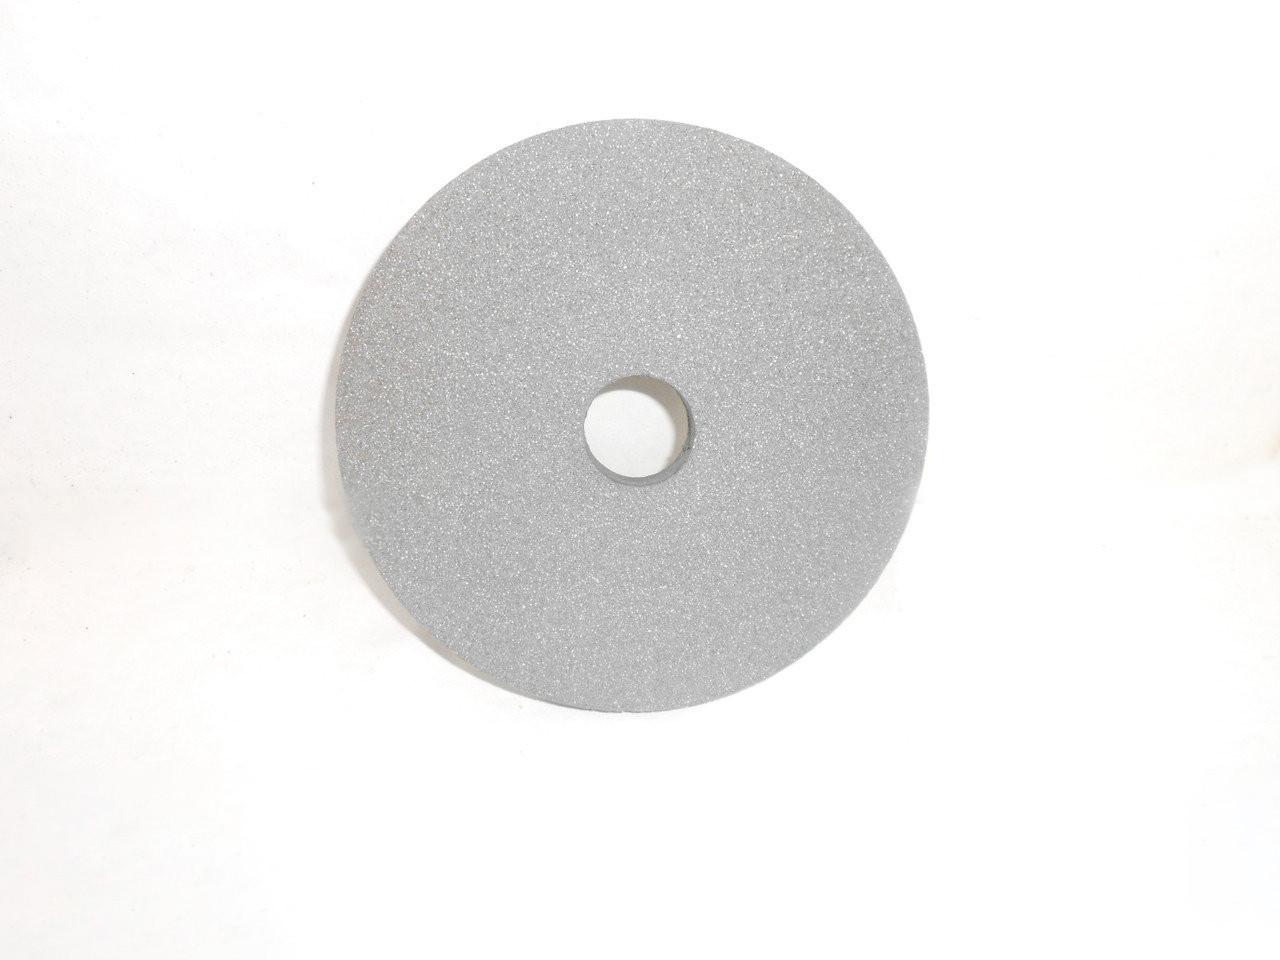 Круг шлифовальный 14А ПП 125х20х32  16-40 СМ-СТ